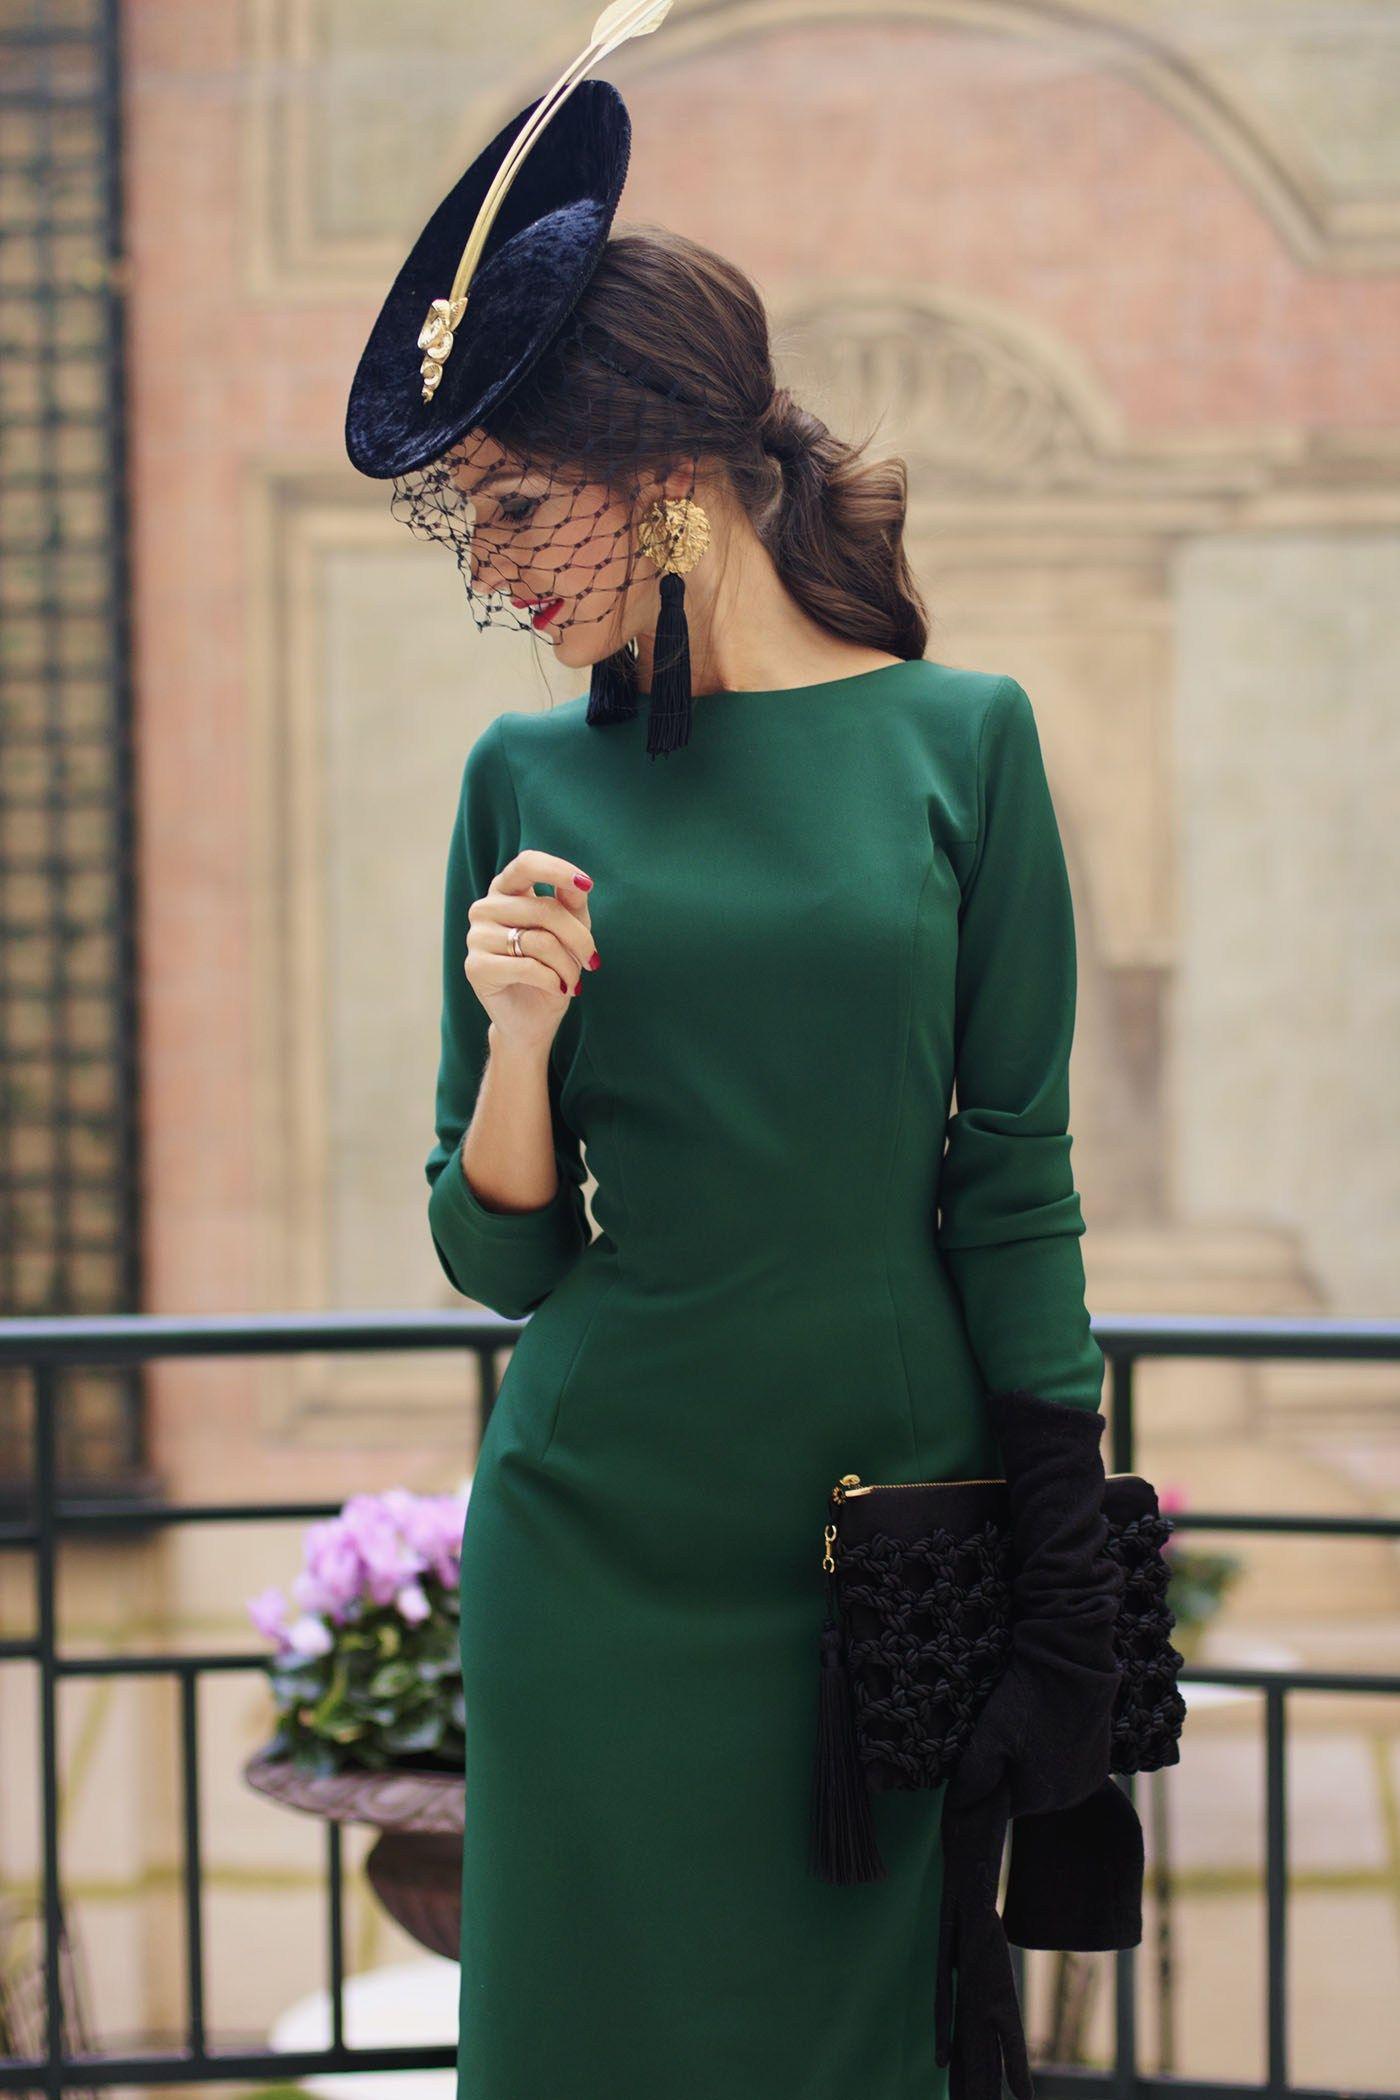 d5893a969 look invitada boda vestido midi vintage tocado guantes | boda mari ...